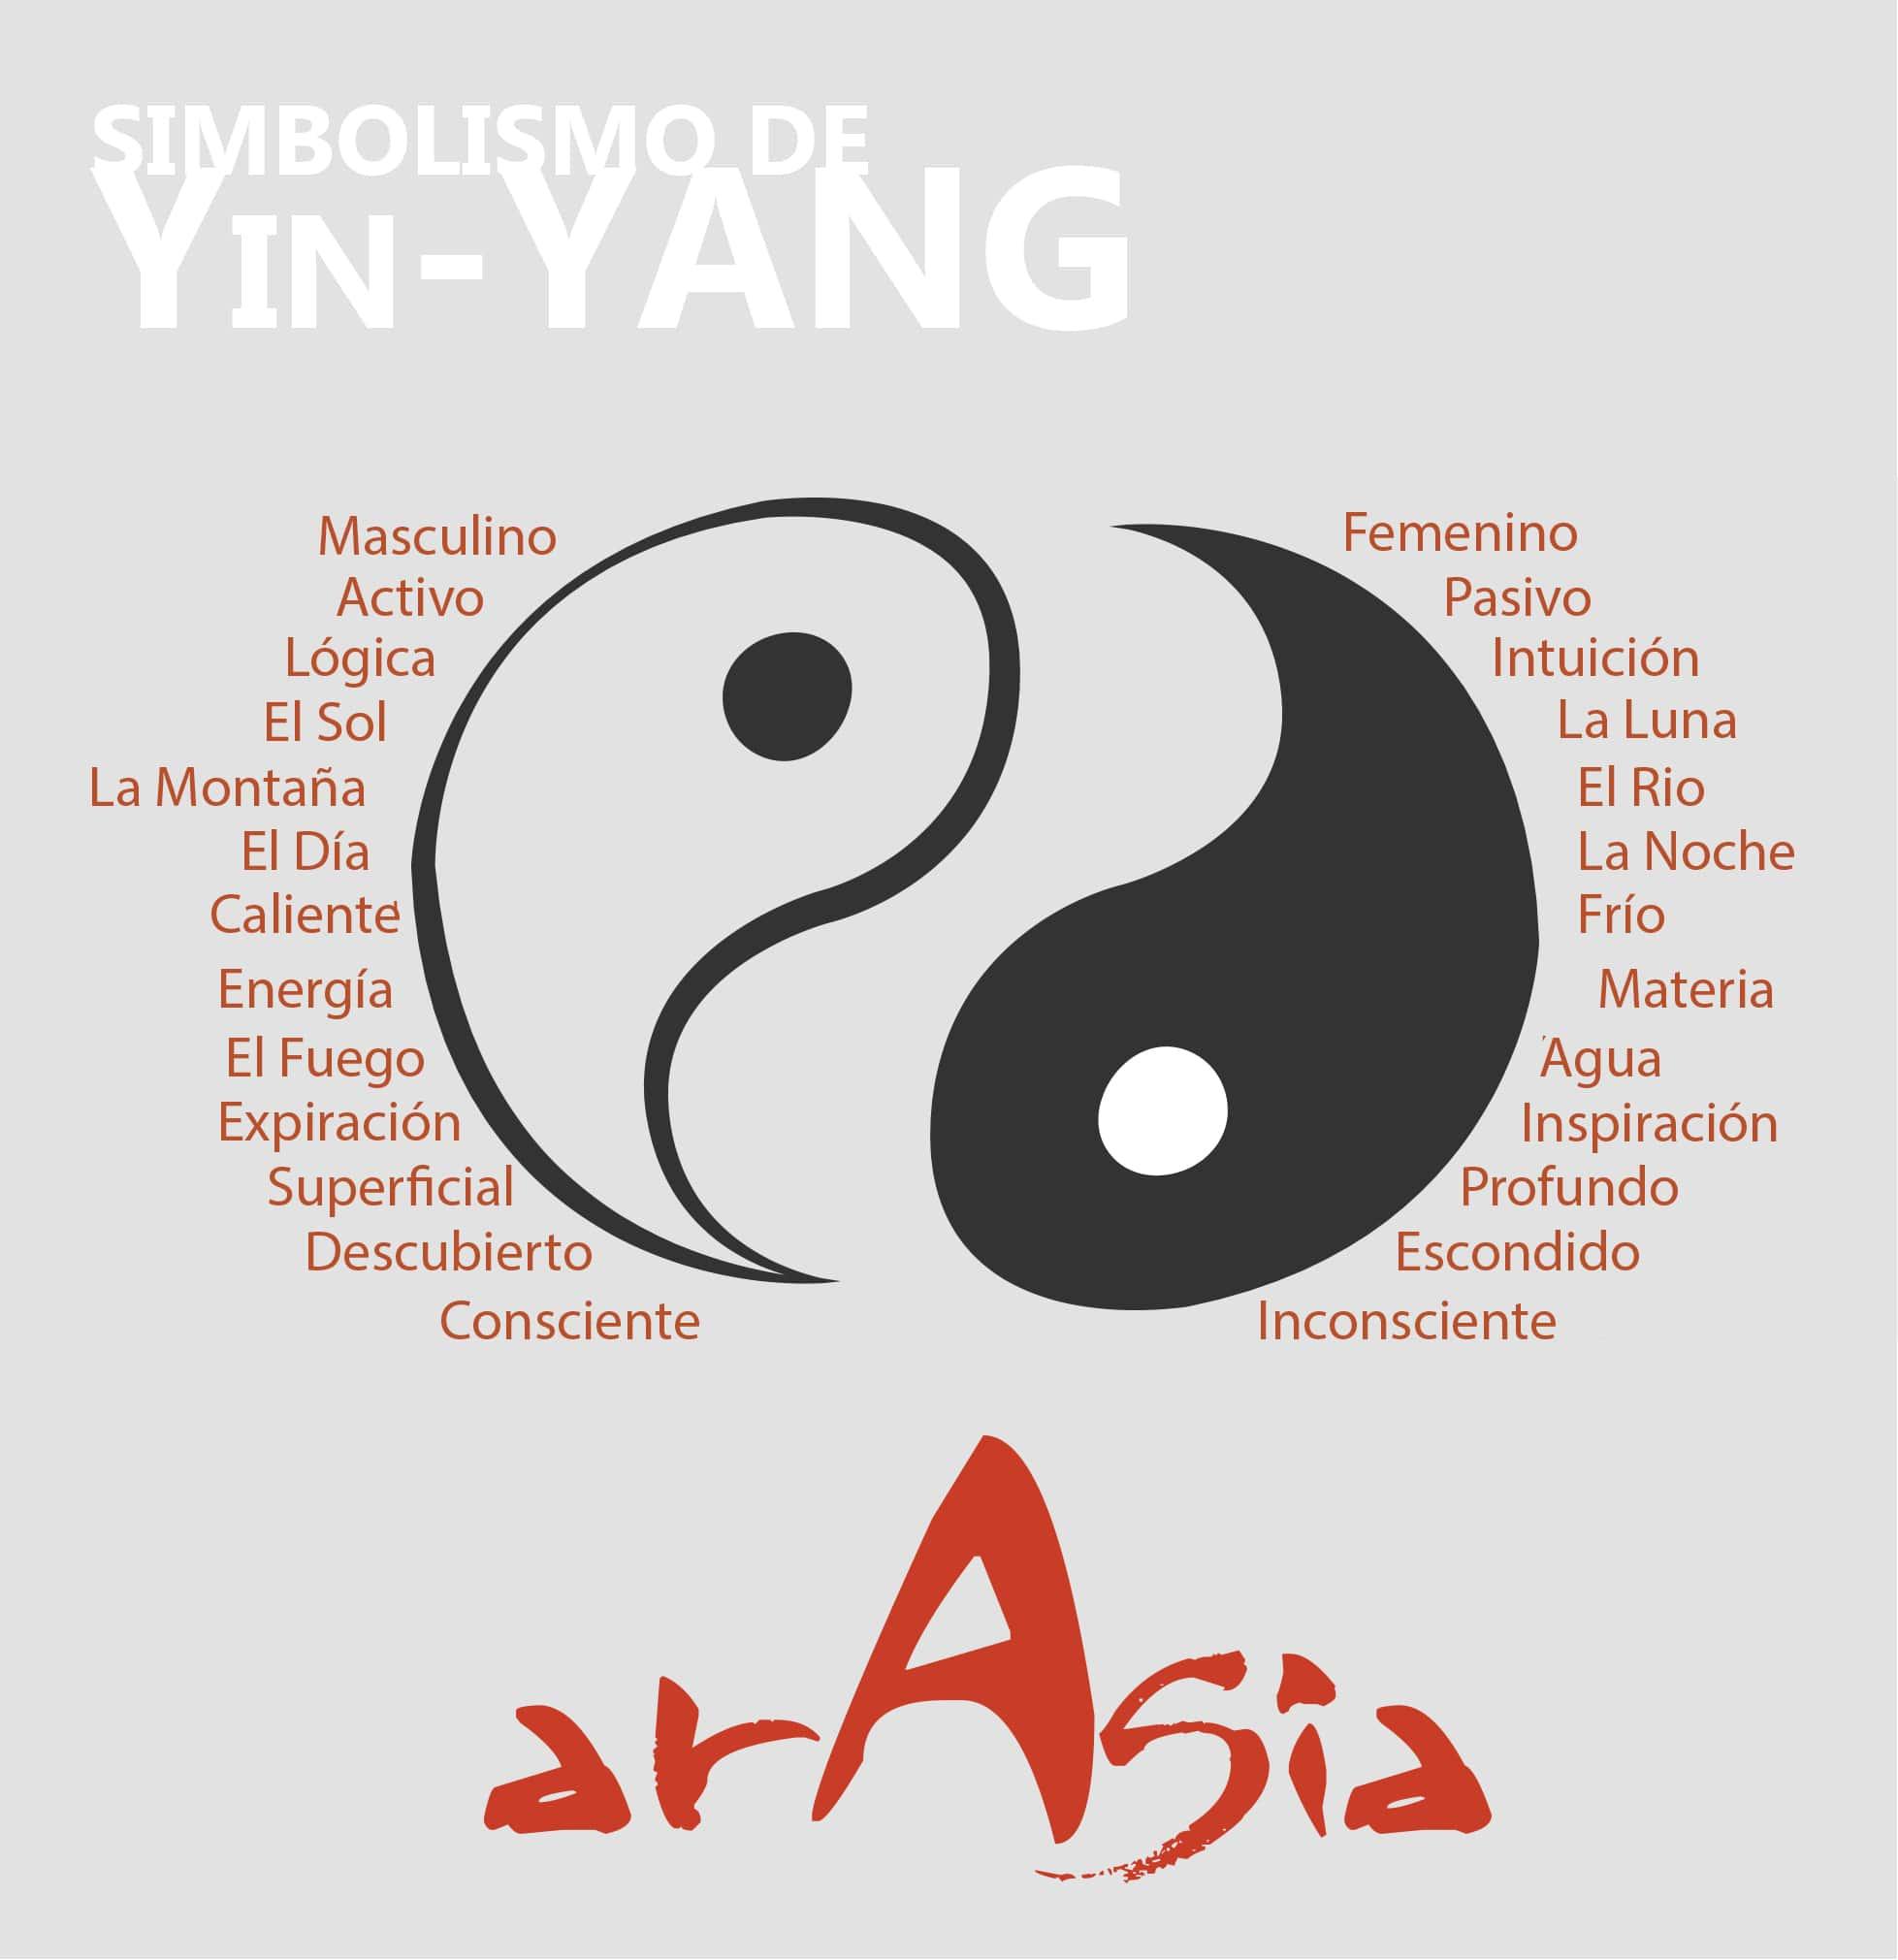 simbolismo del yin yang